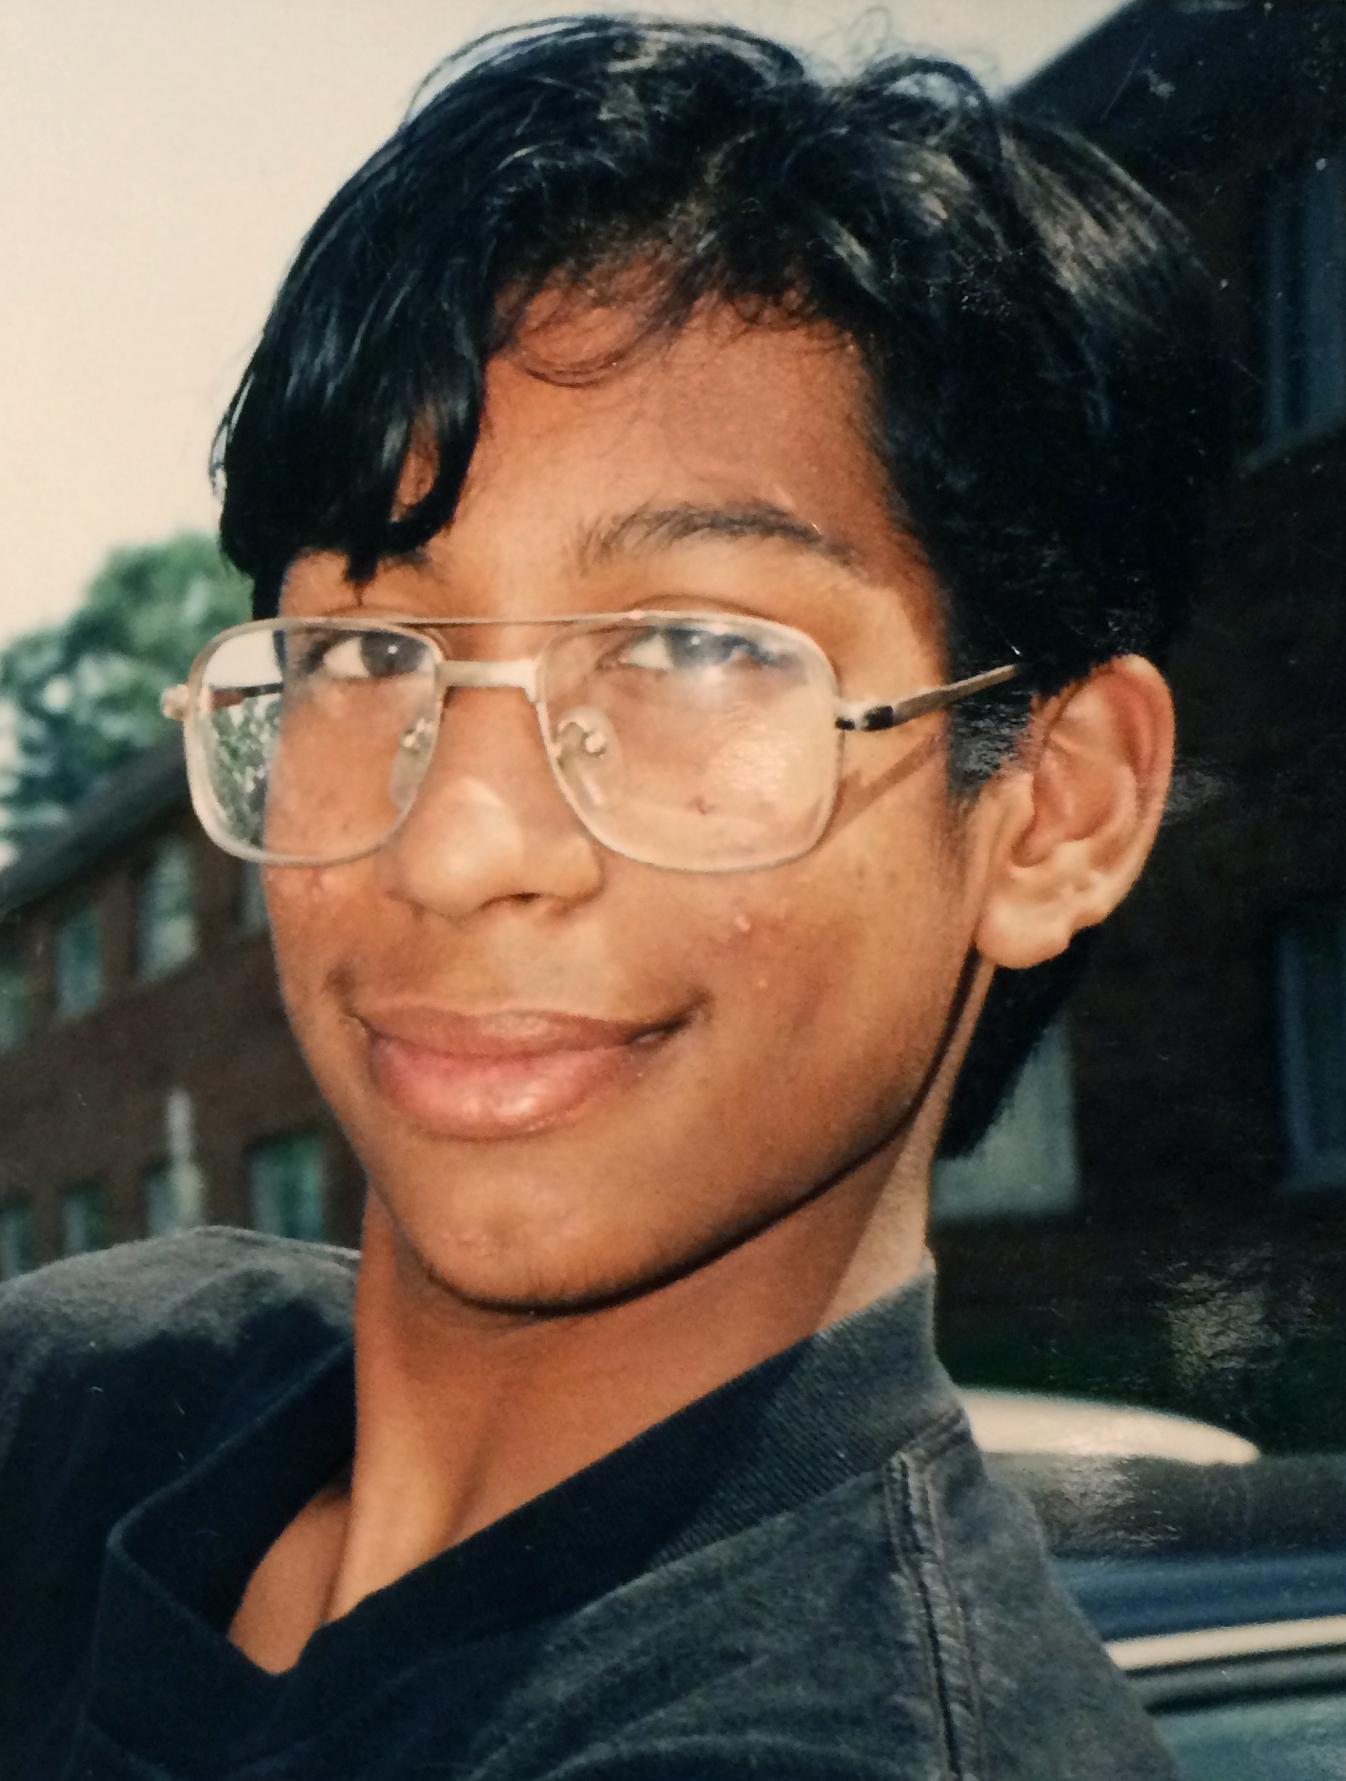 247 - Hrishi Hirway - teen.jpg